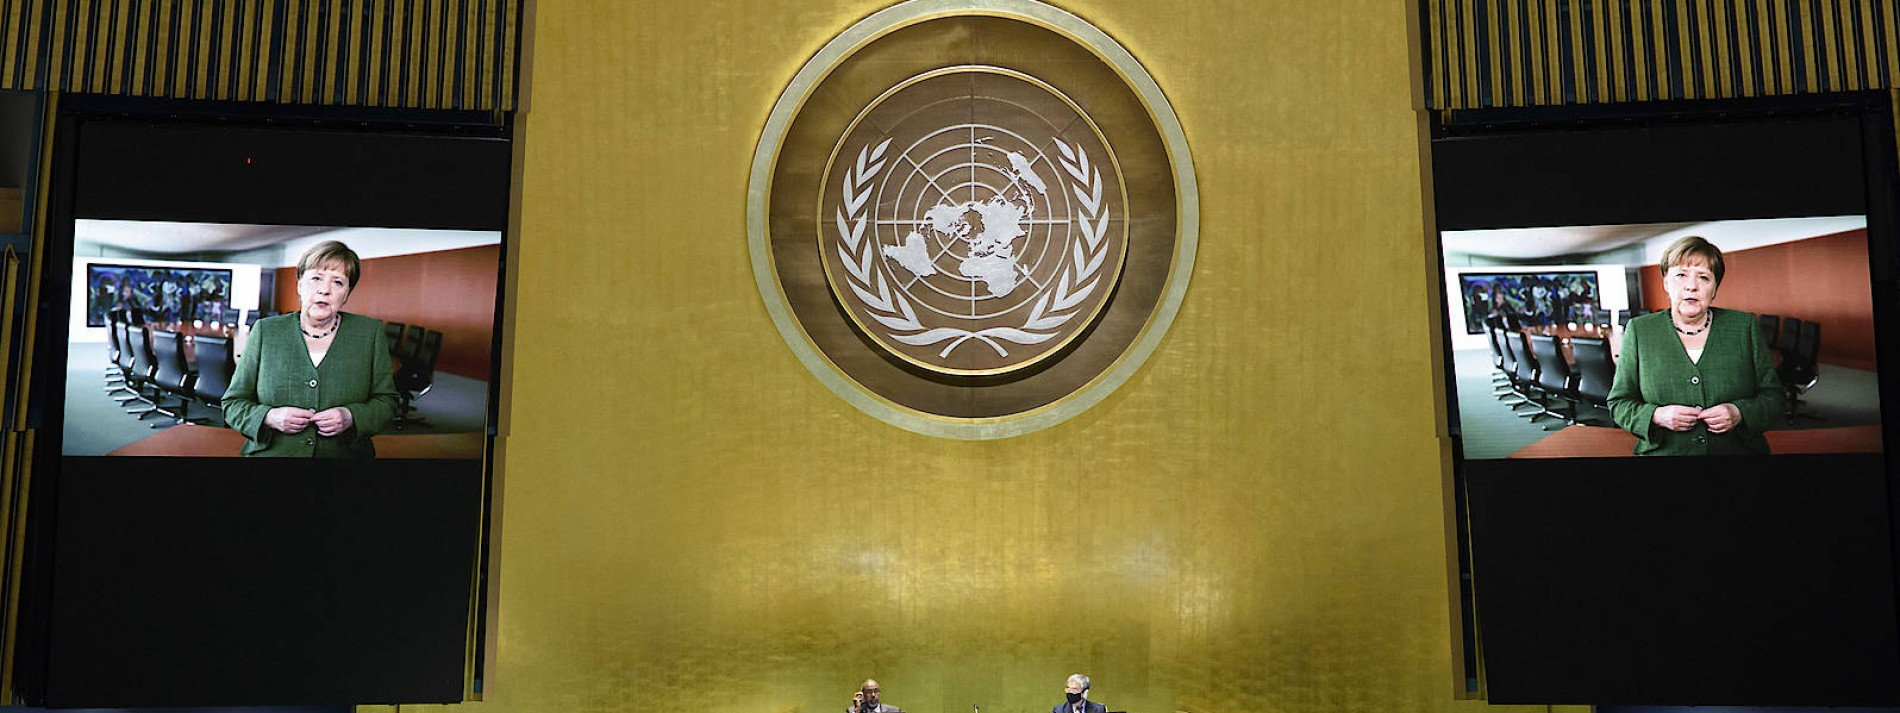 Merkel hält Plädoyer für Multilateralismus